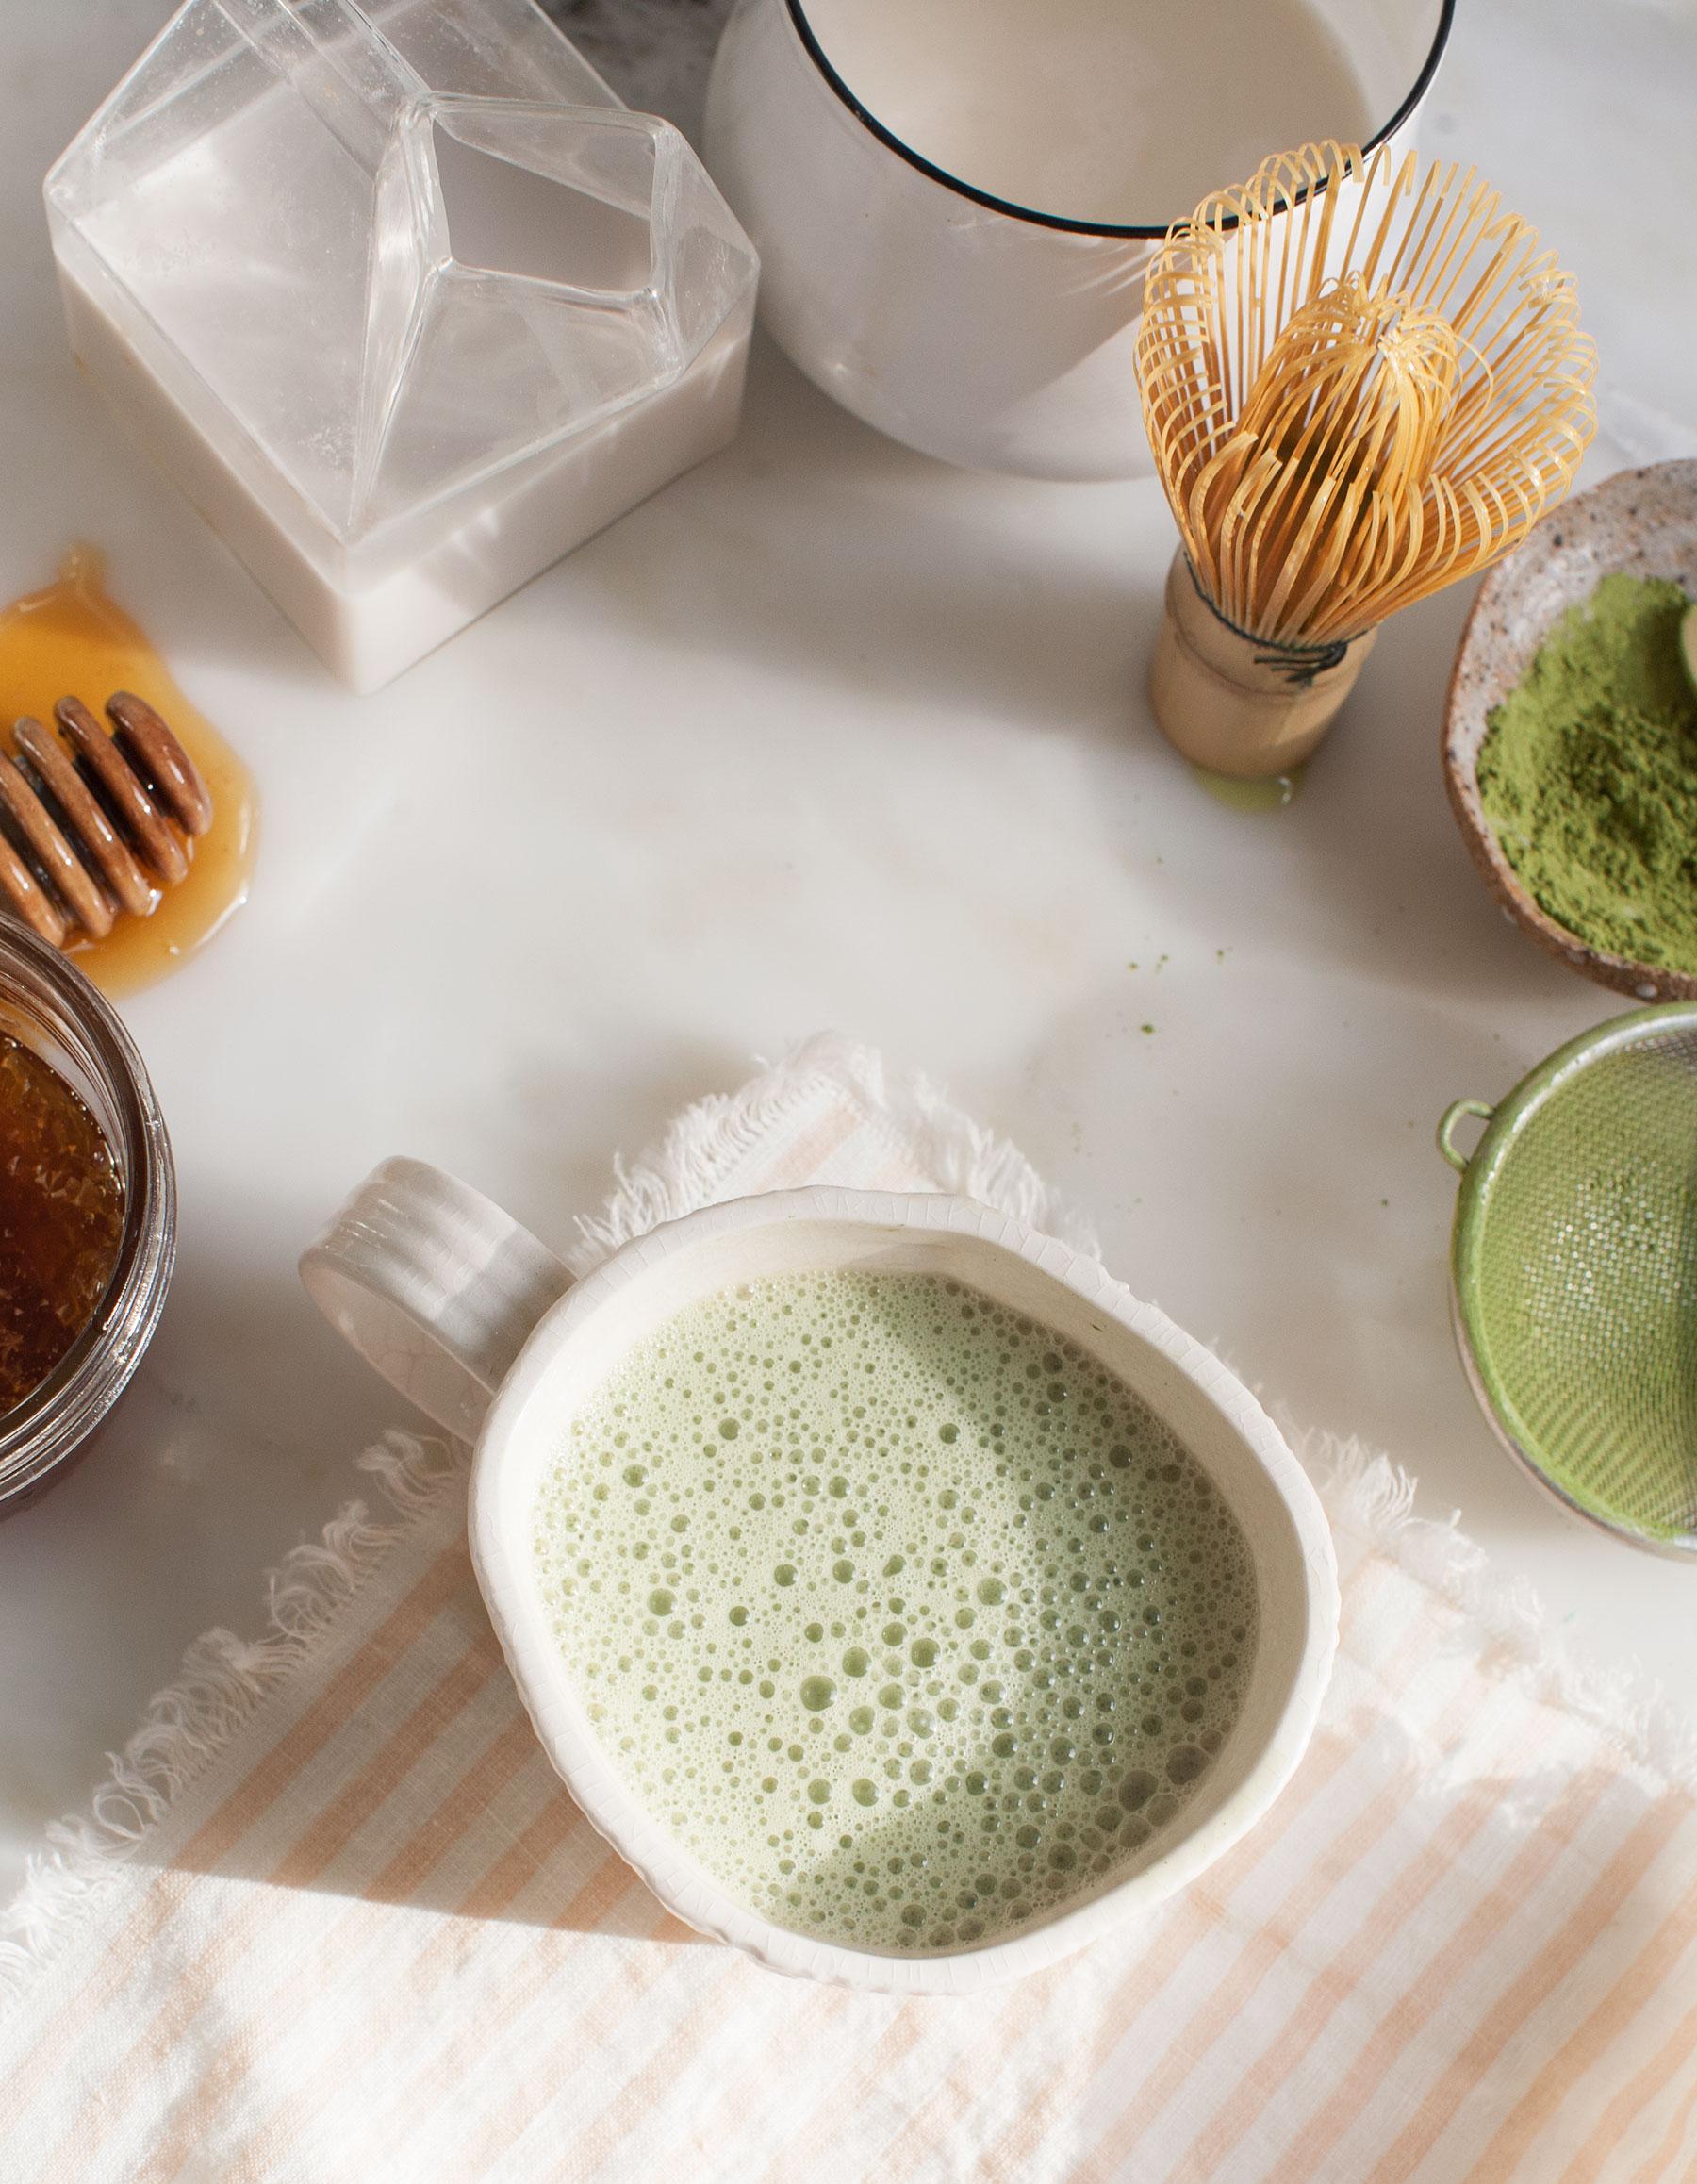 sữa đậu nành trà xanh 7 sữa đậu nành trà xanh Sữa đậu nành trà xanh ngon lạ lại dinh dưỡng cuối tuần sua dau nanh tra xanh 7